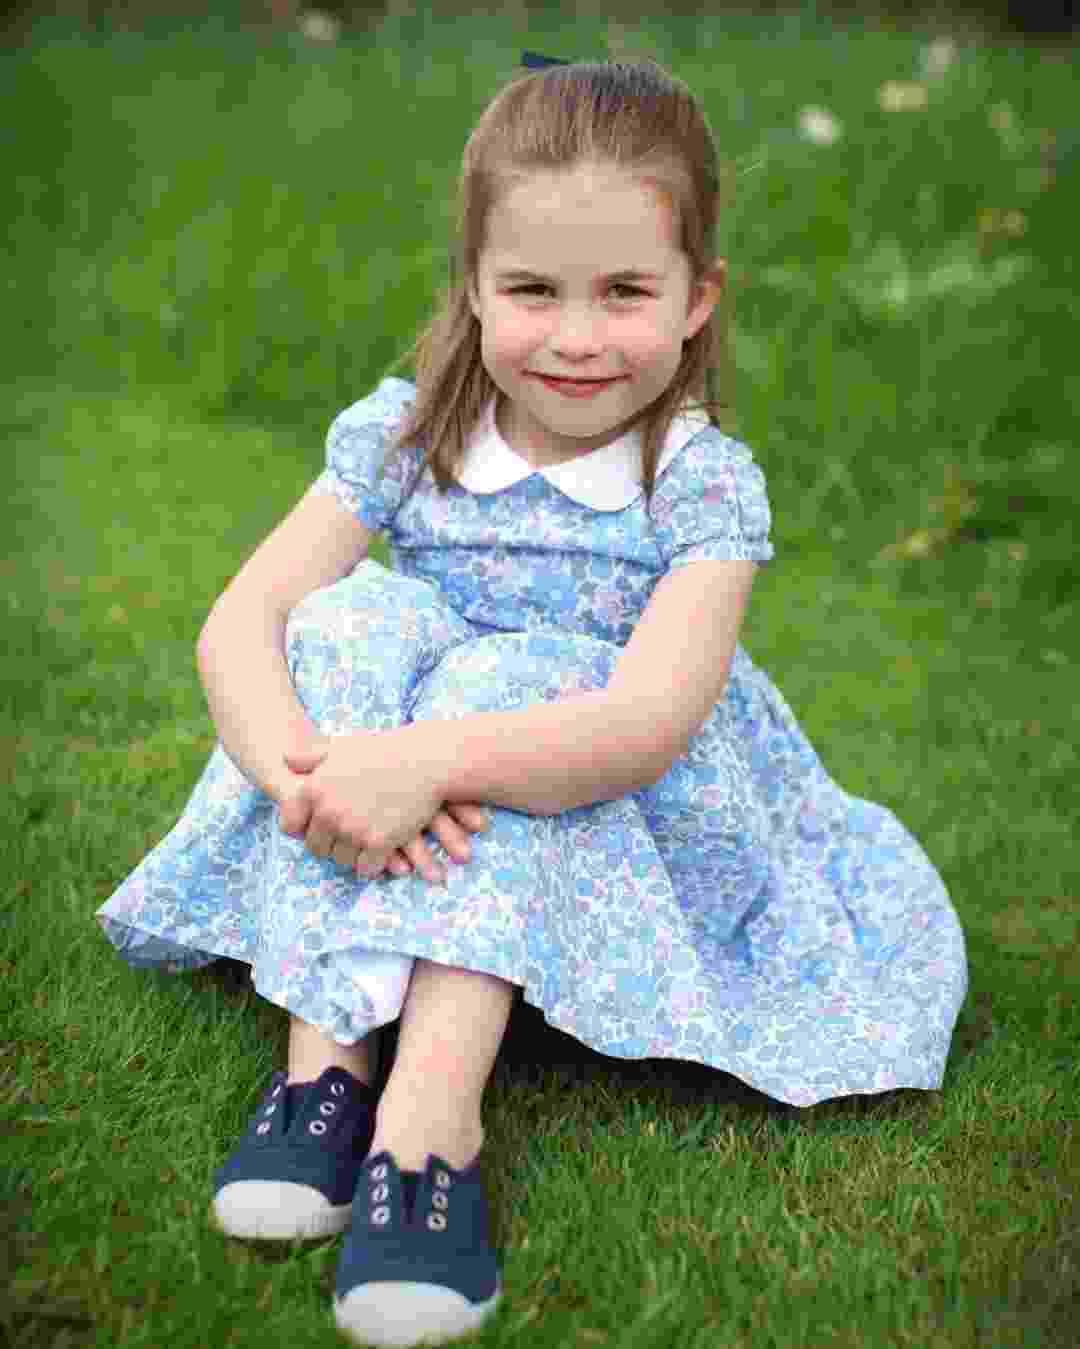 Princesa Charlotte faz quatro anos amanhã e foi fotografada pela mãe Kate - Reprodução/Instagram/katemidleton T